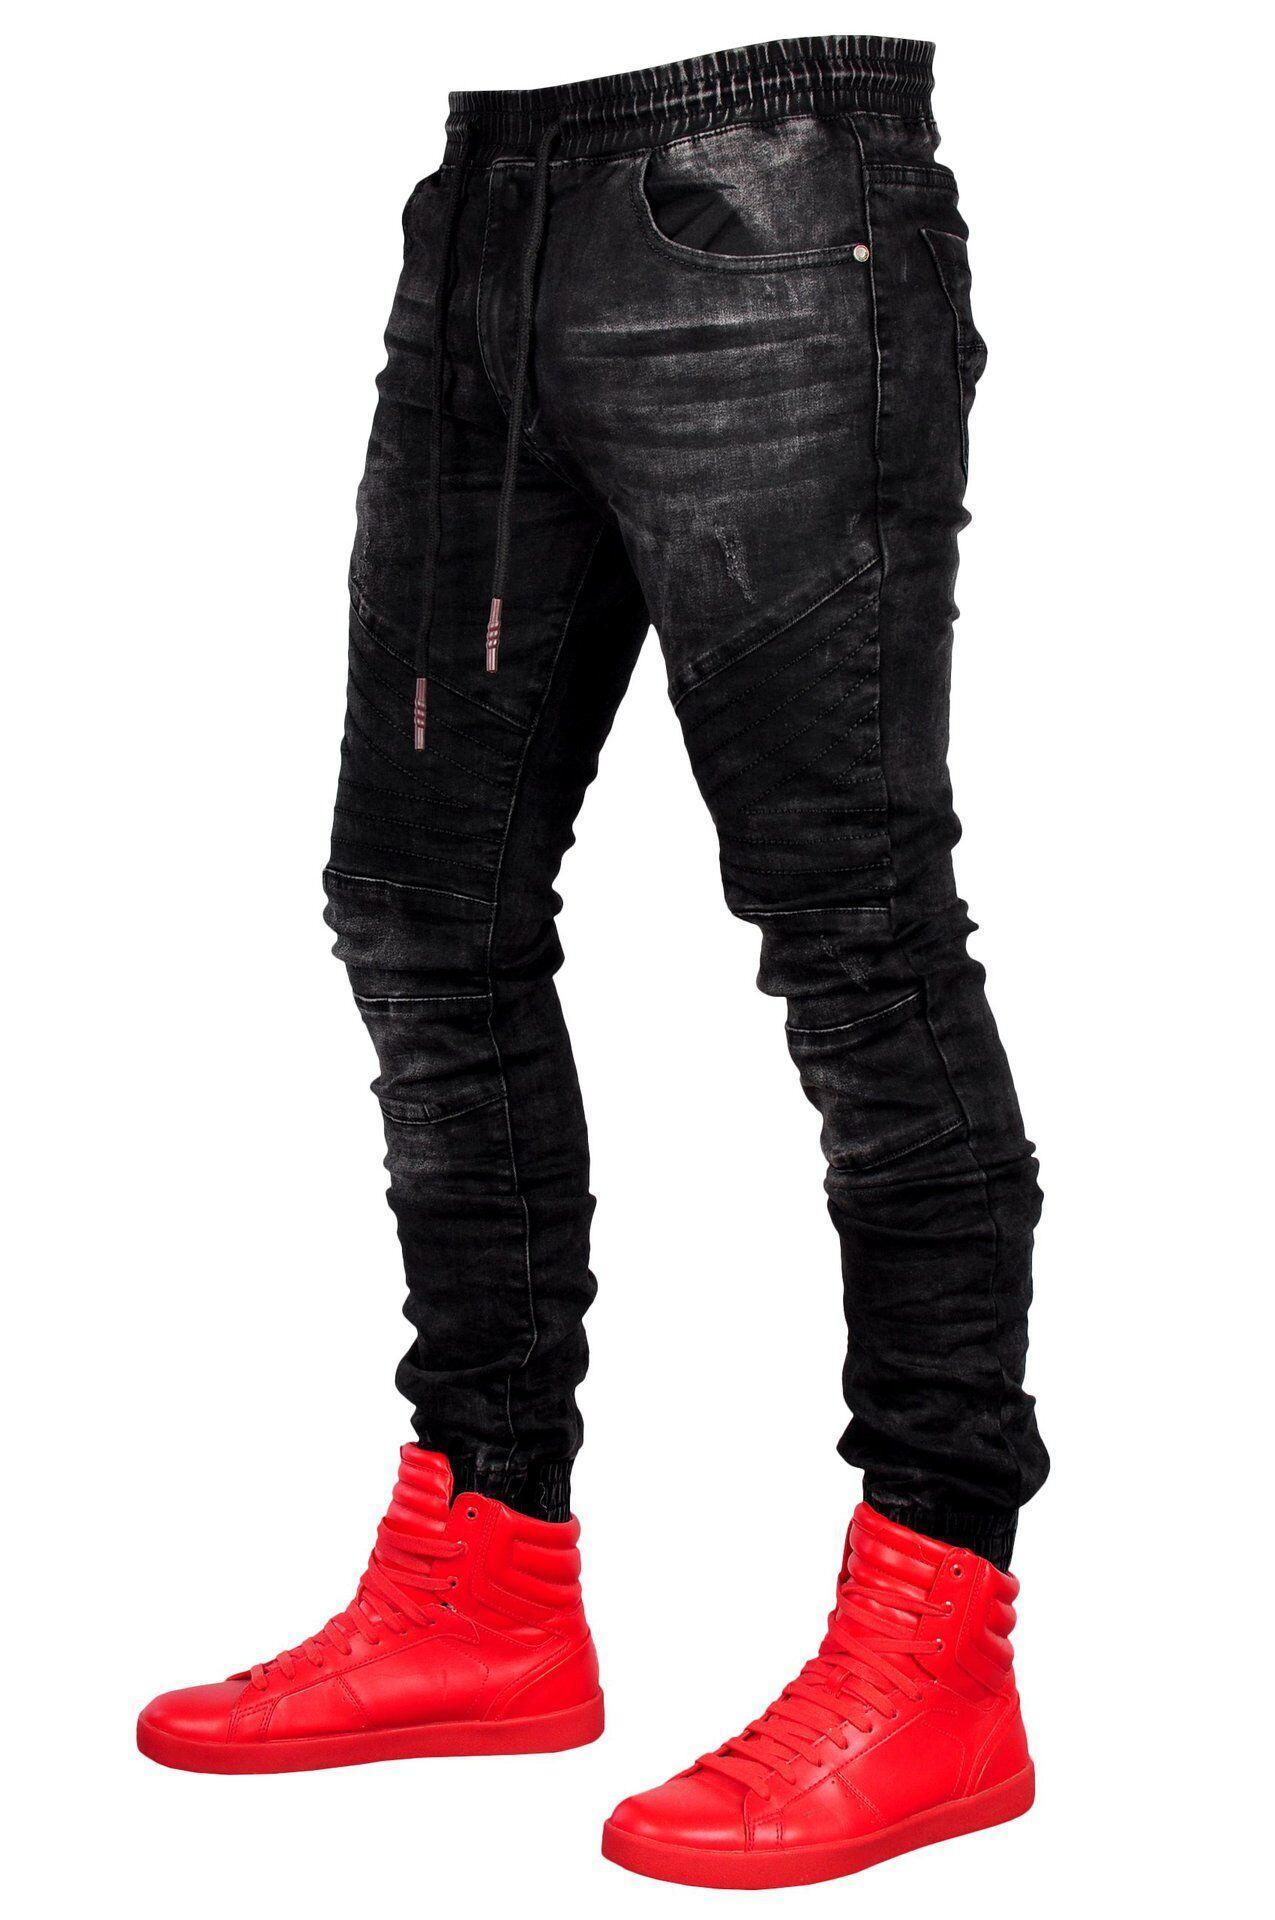 da502d06ae4b10 Motorrad Biker Männer Slim Fit Zerrissene Jeans Herren Distressed Denim  Skinny Washed Vintage Zipper Jeans Von Boy_top2028, $27.42 Auf De.Dhgate.